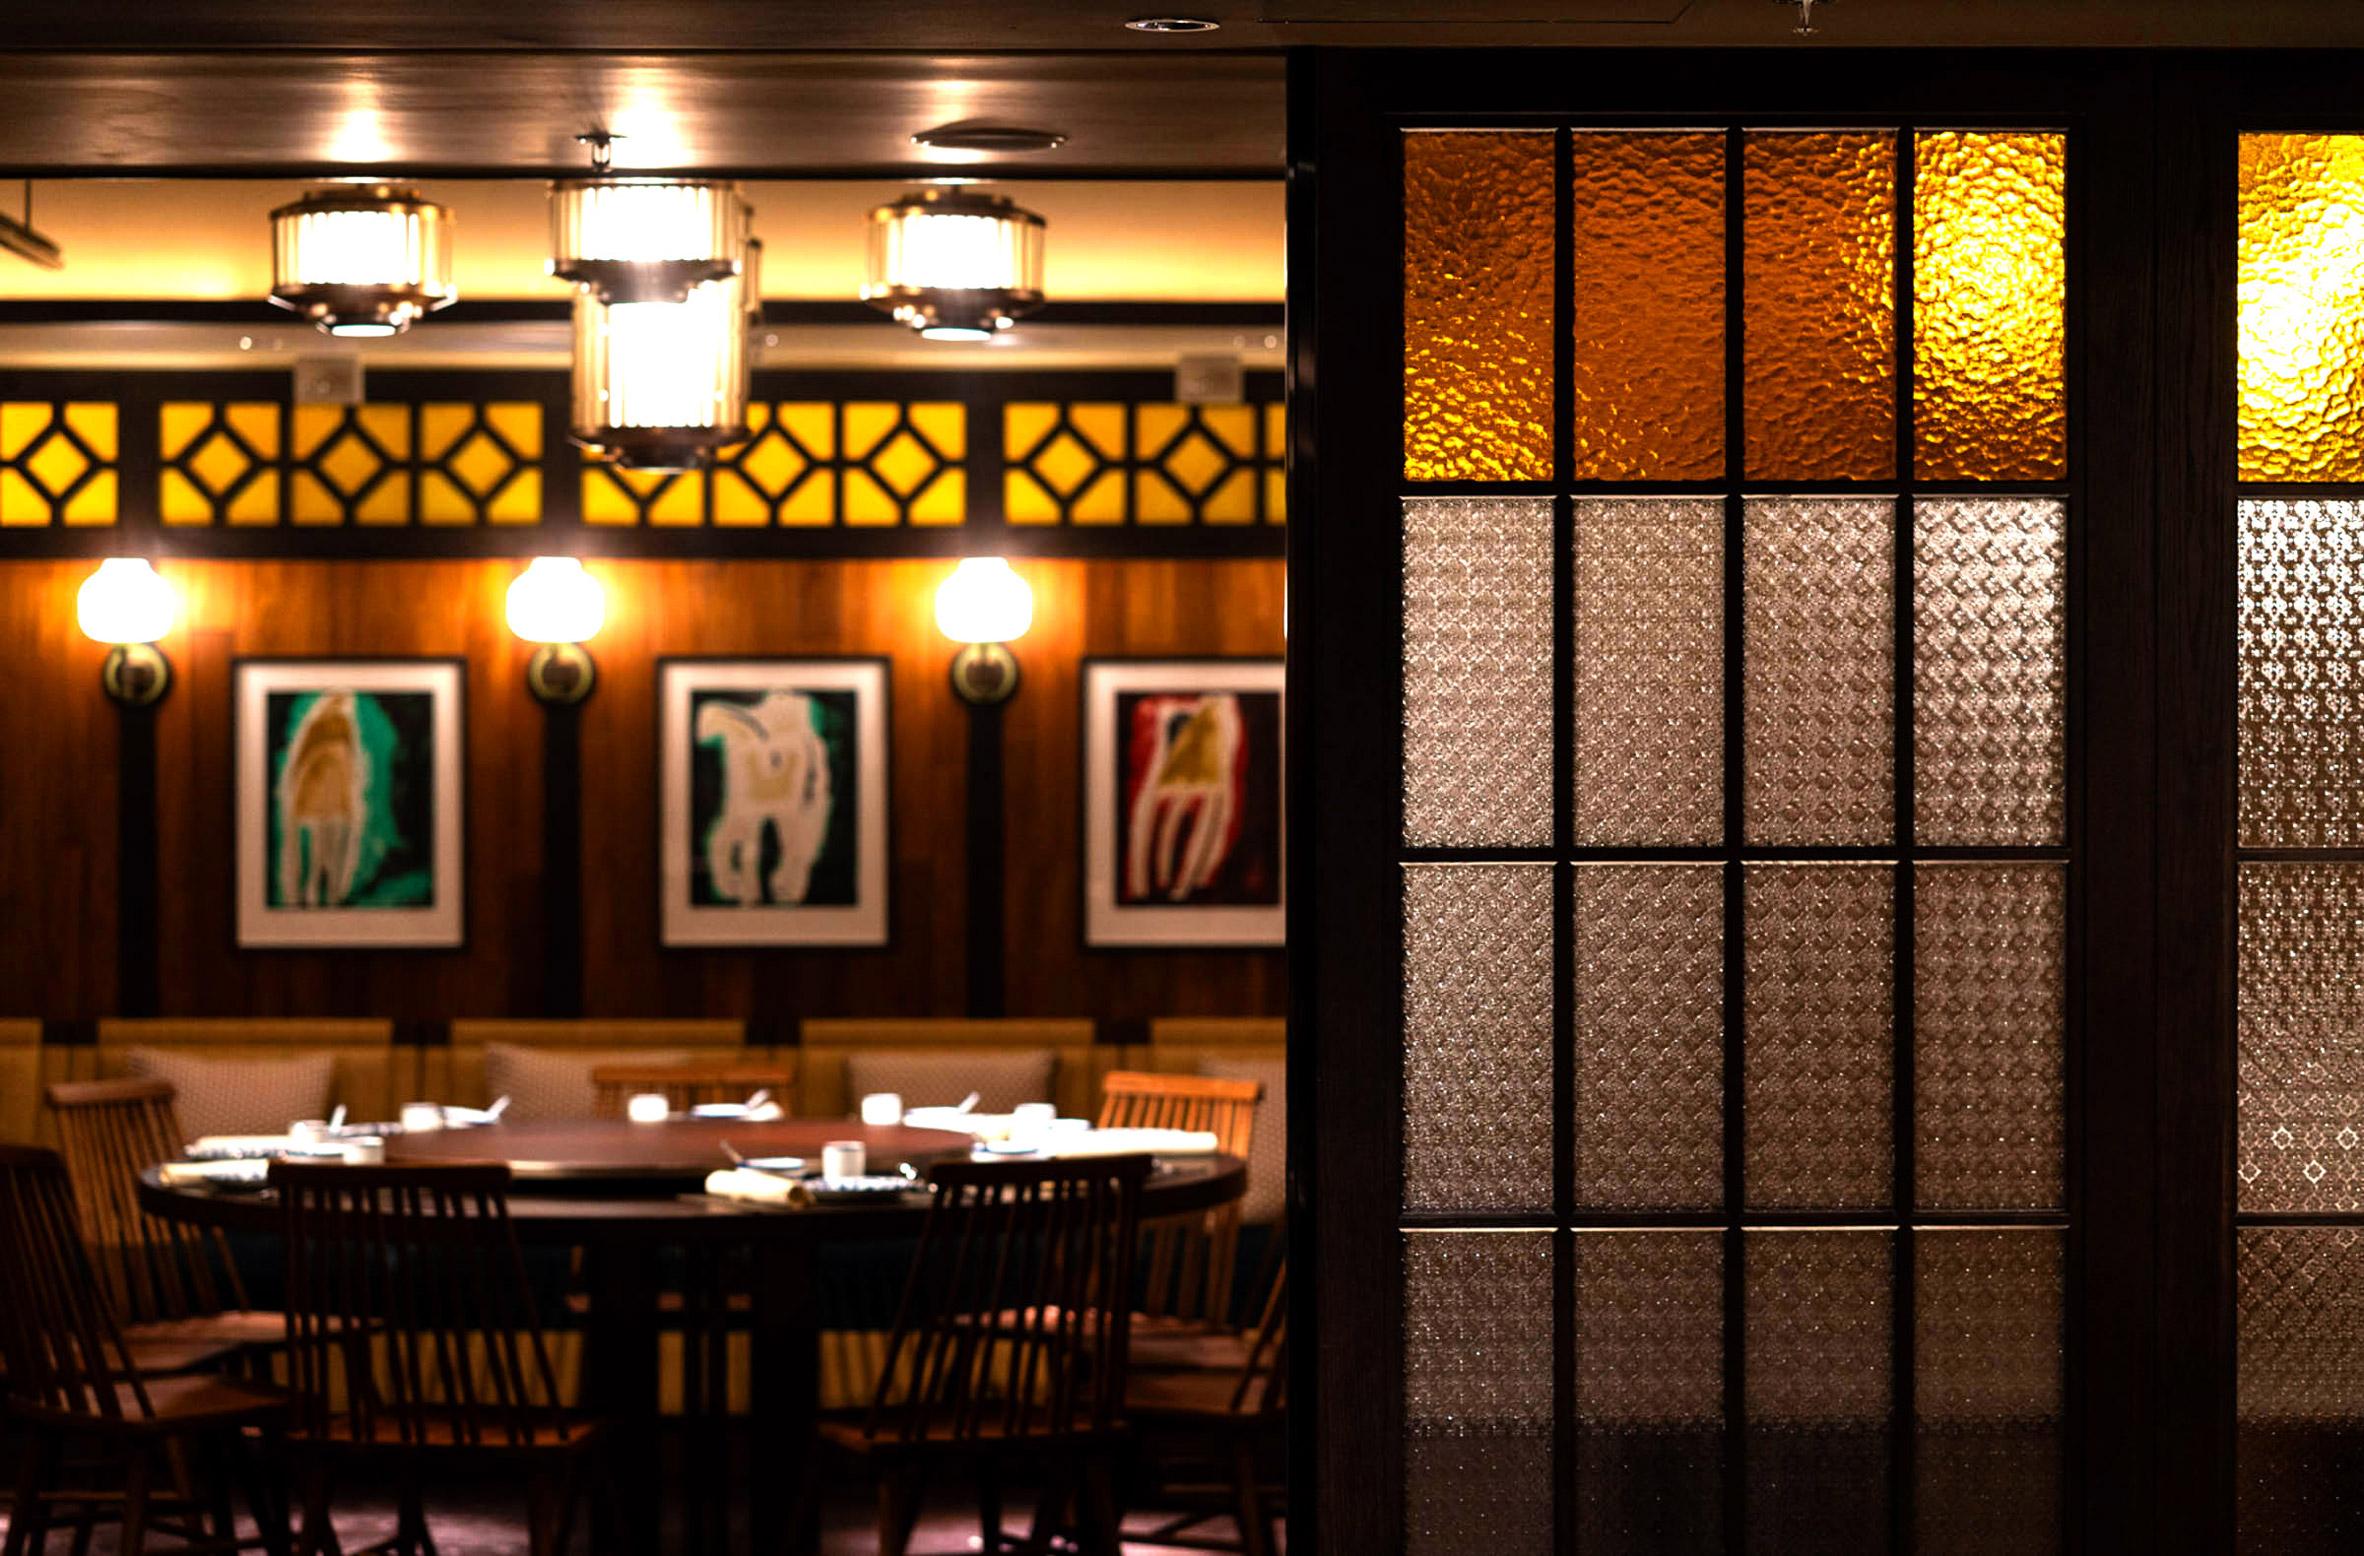 Nội thất nhà hàngăn uống 12